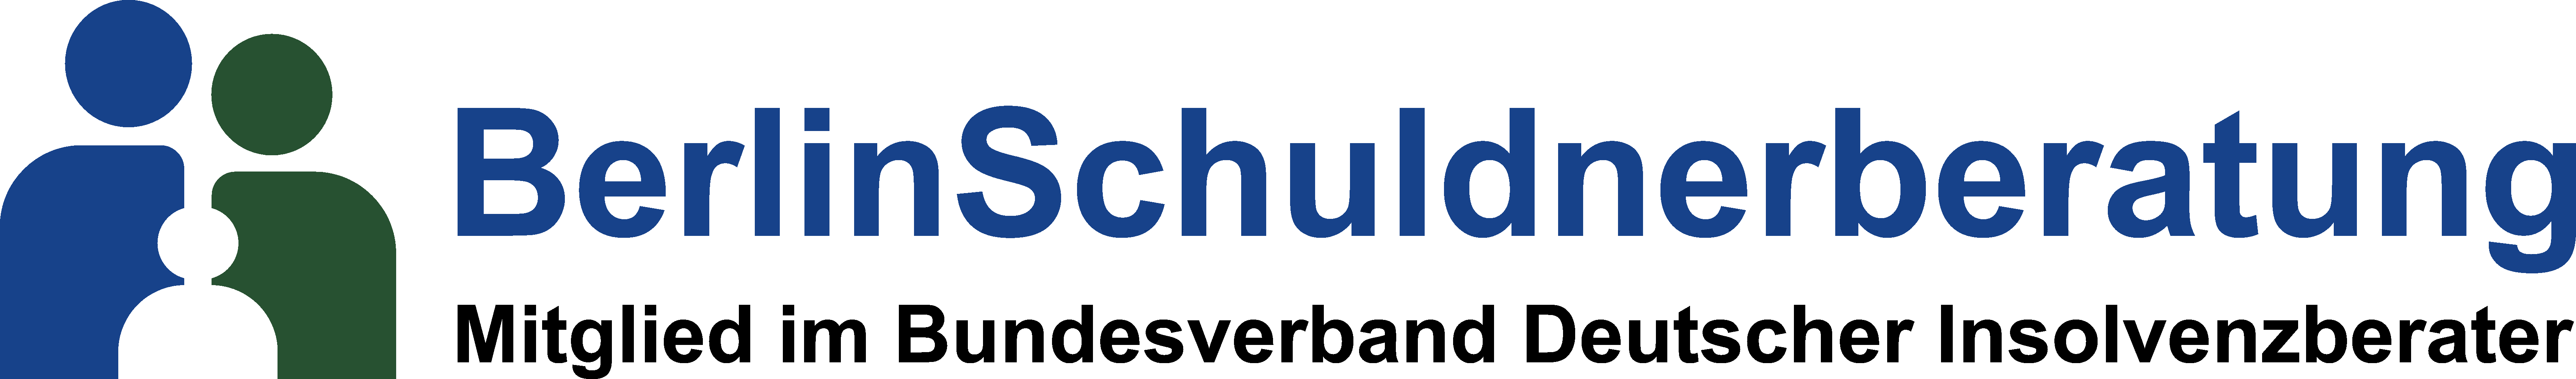 BerlinSchuldnerberatung